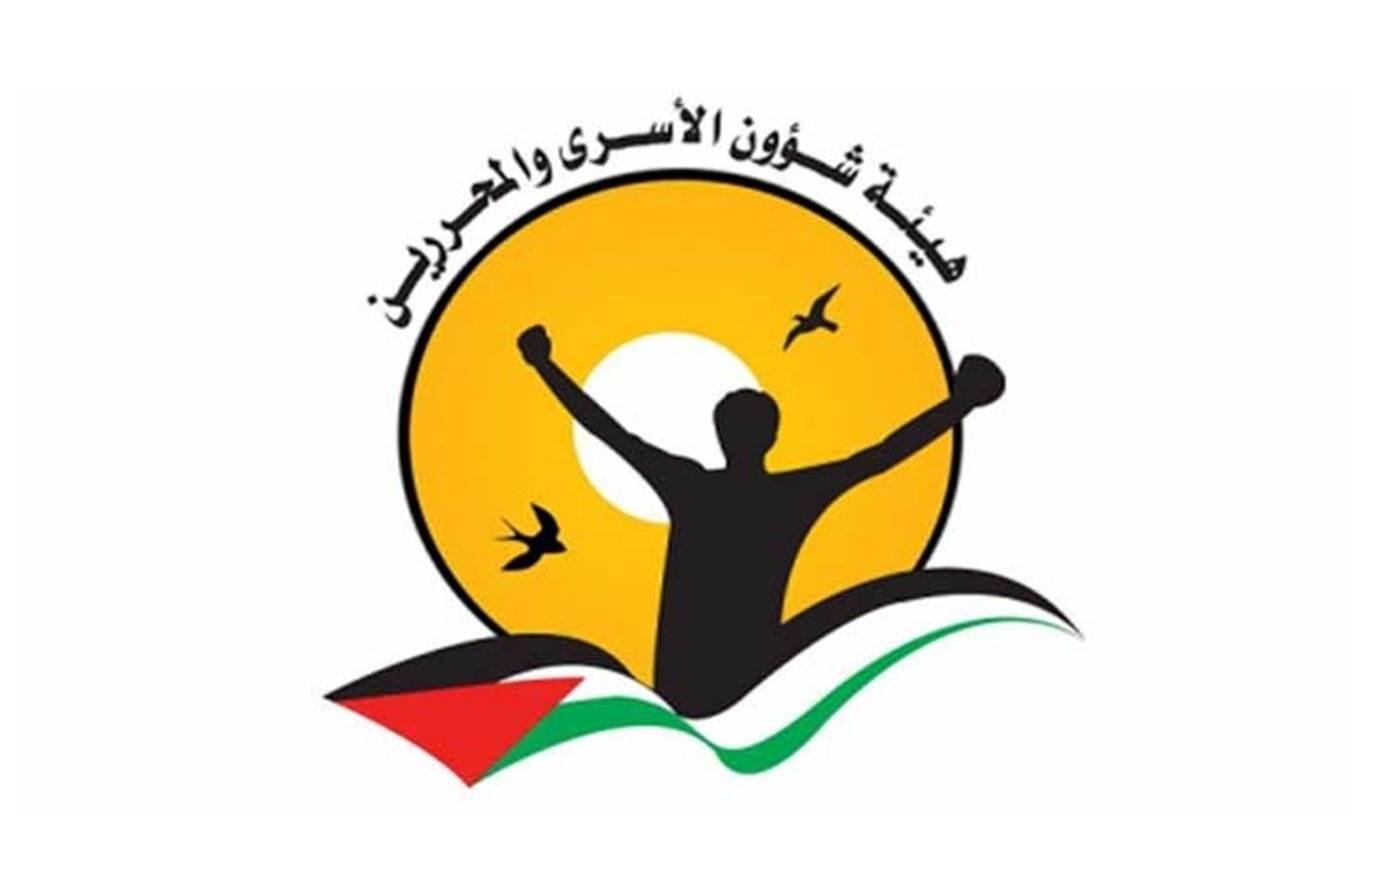 تجديد الرفض الفلسطيني للقرار  الإسرائيلي حول حسابات الأسرى